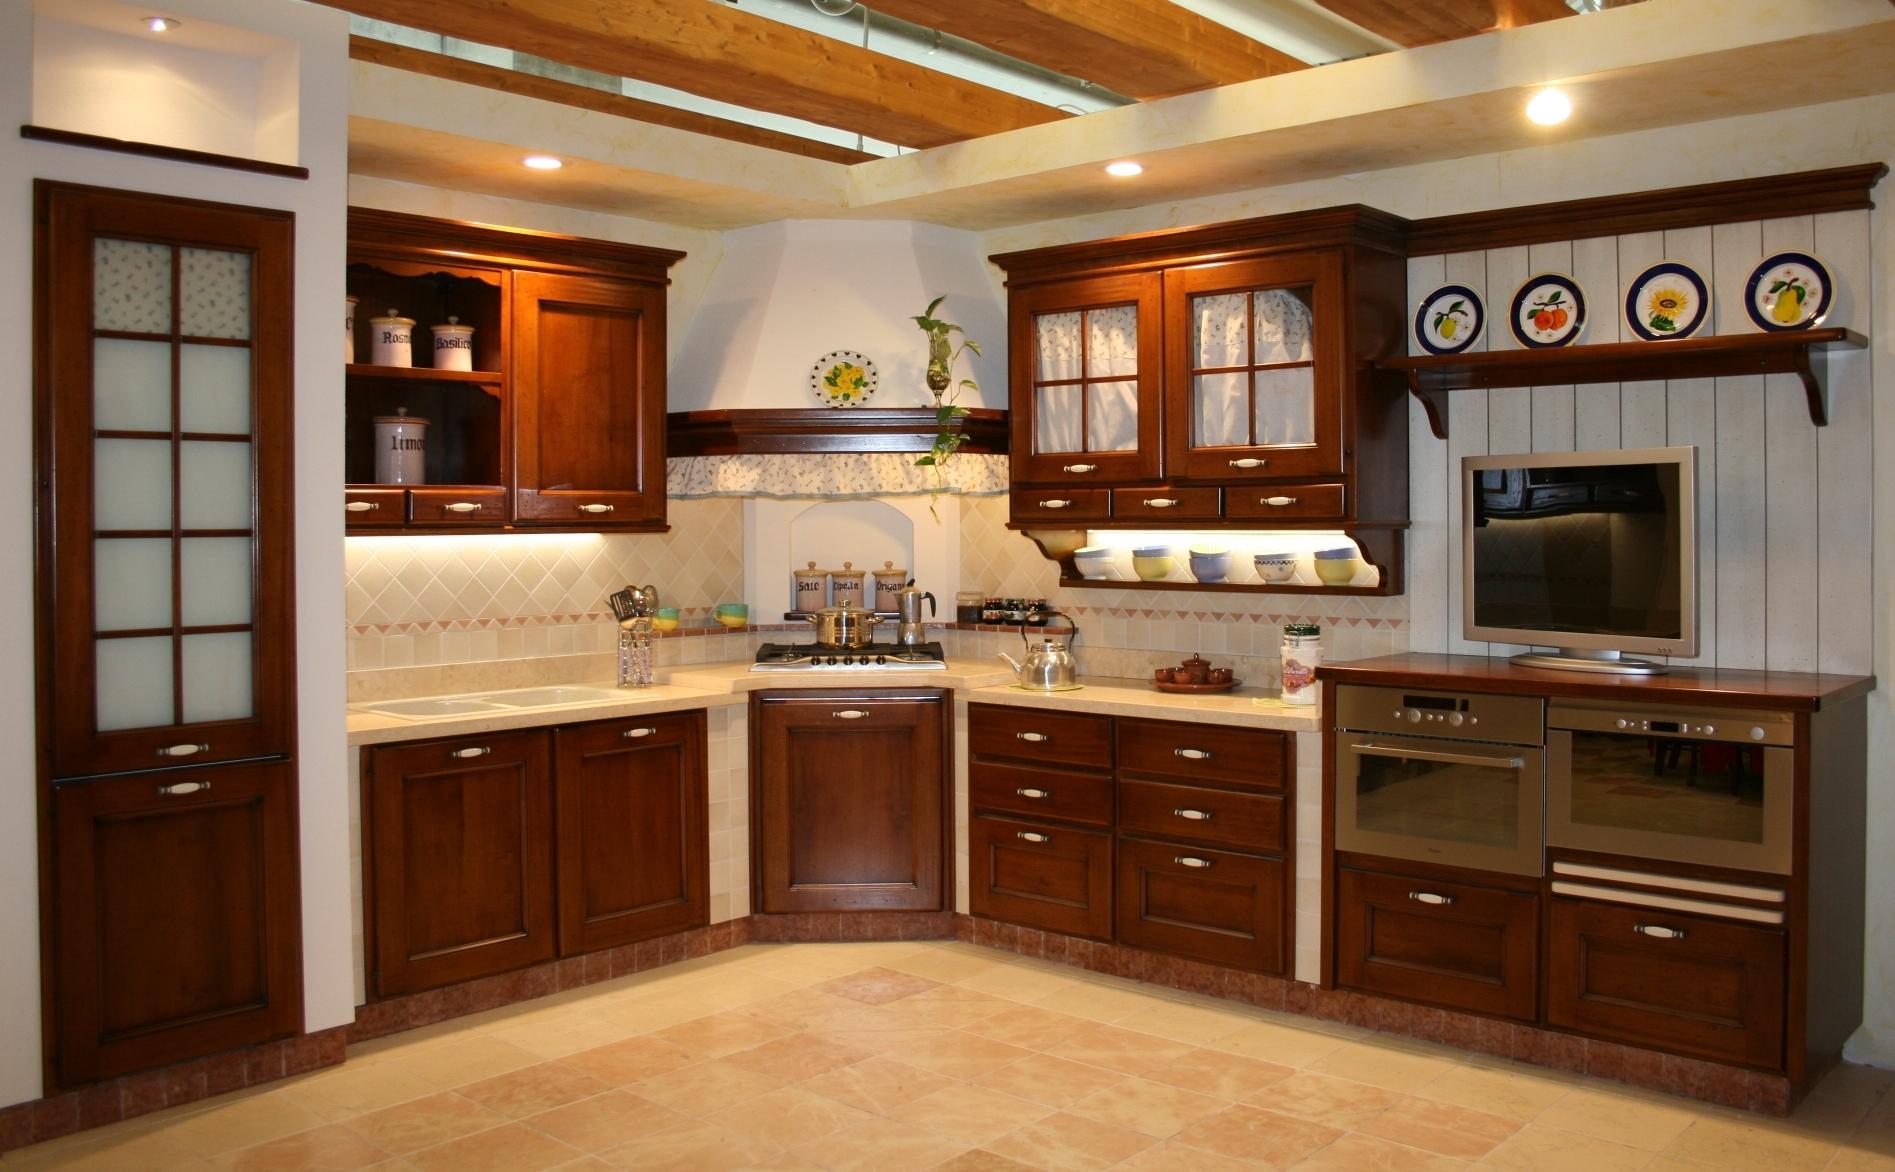 Idee per illuminare cucina moderna con faretti led Lavelli cucina in ceramica